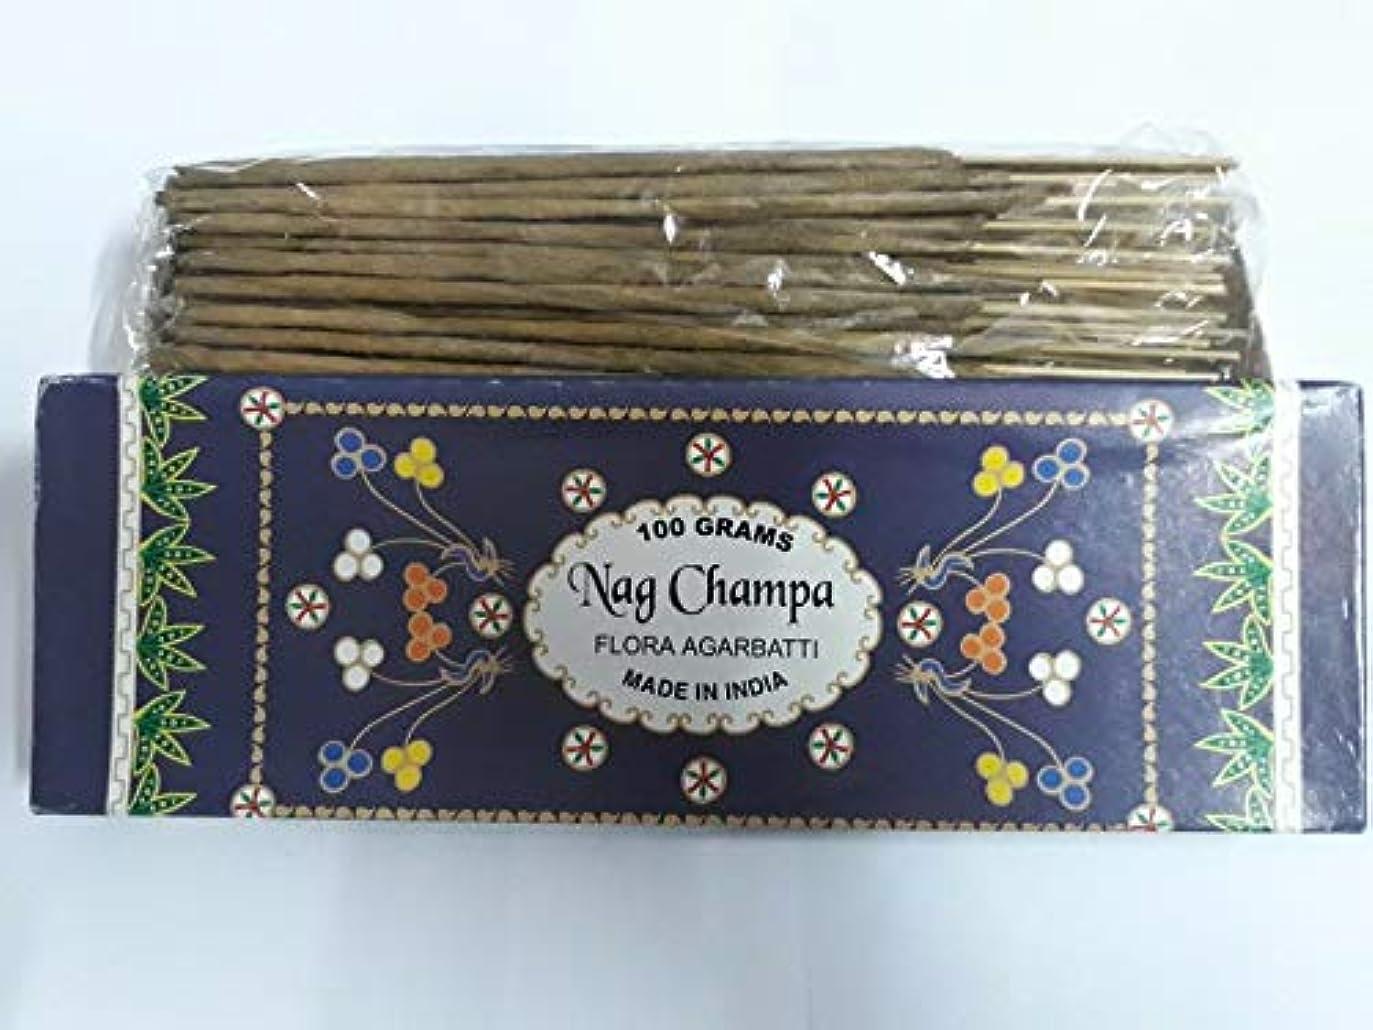 エイリアス接辞全滅させるNag Champa ナグチャンパ Agarbatti Incense Sticks 線香 100 grams Flora Agarbatti フローラ線香